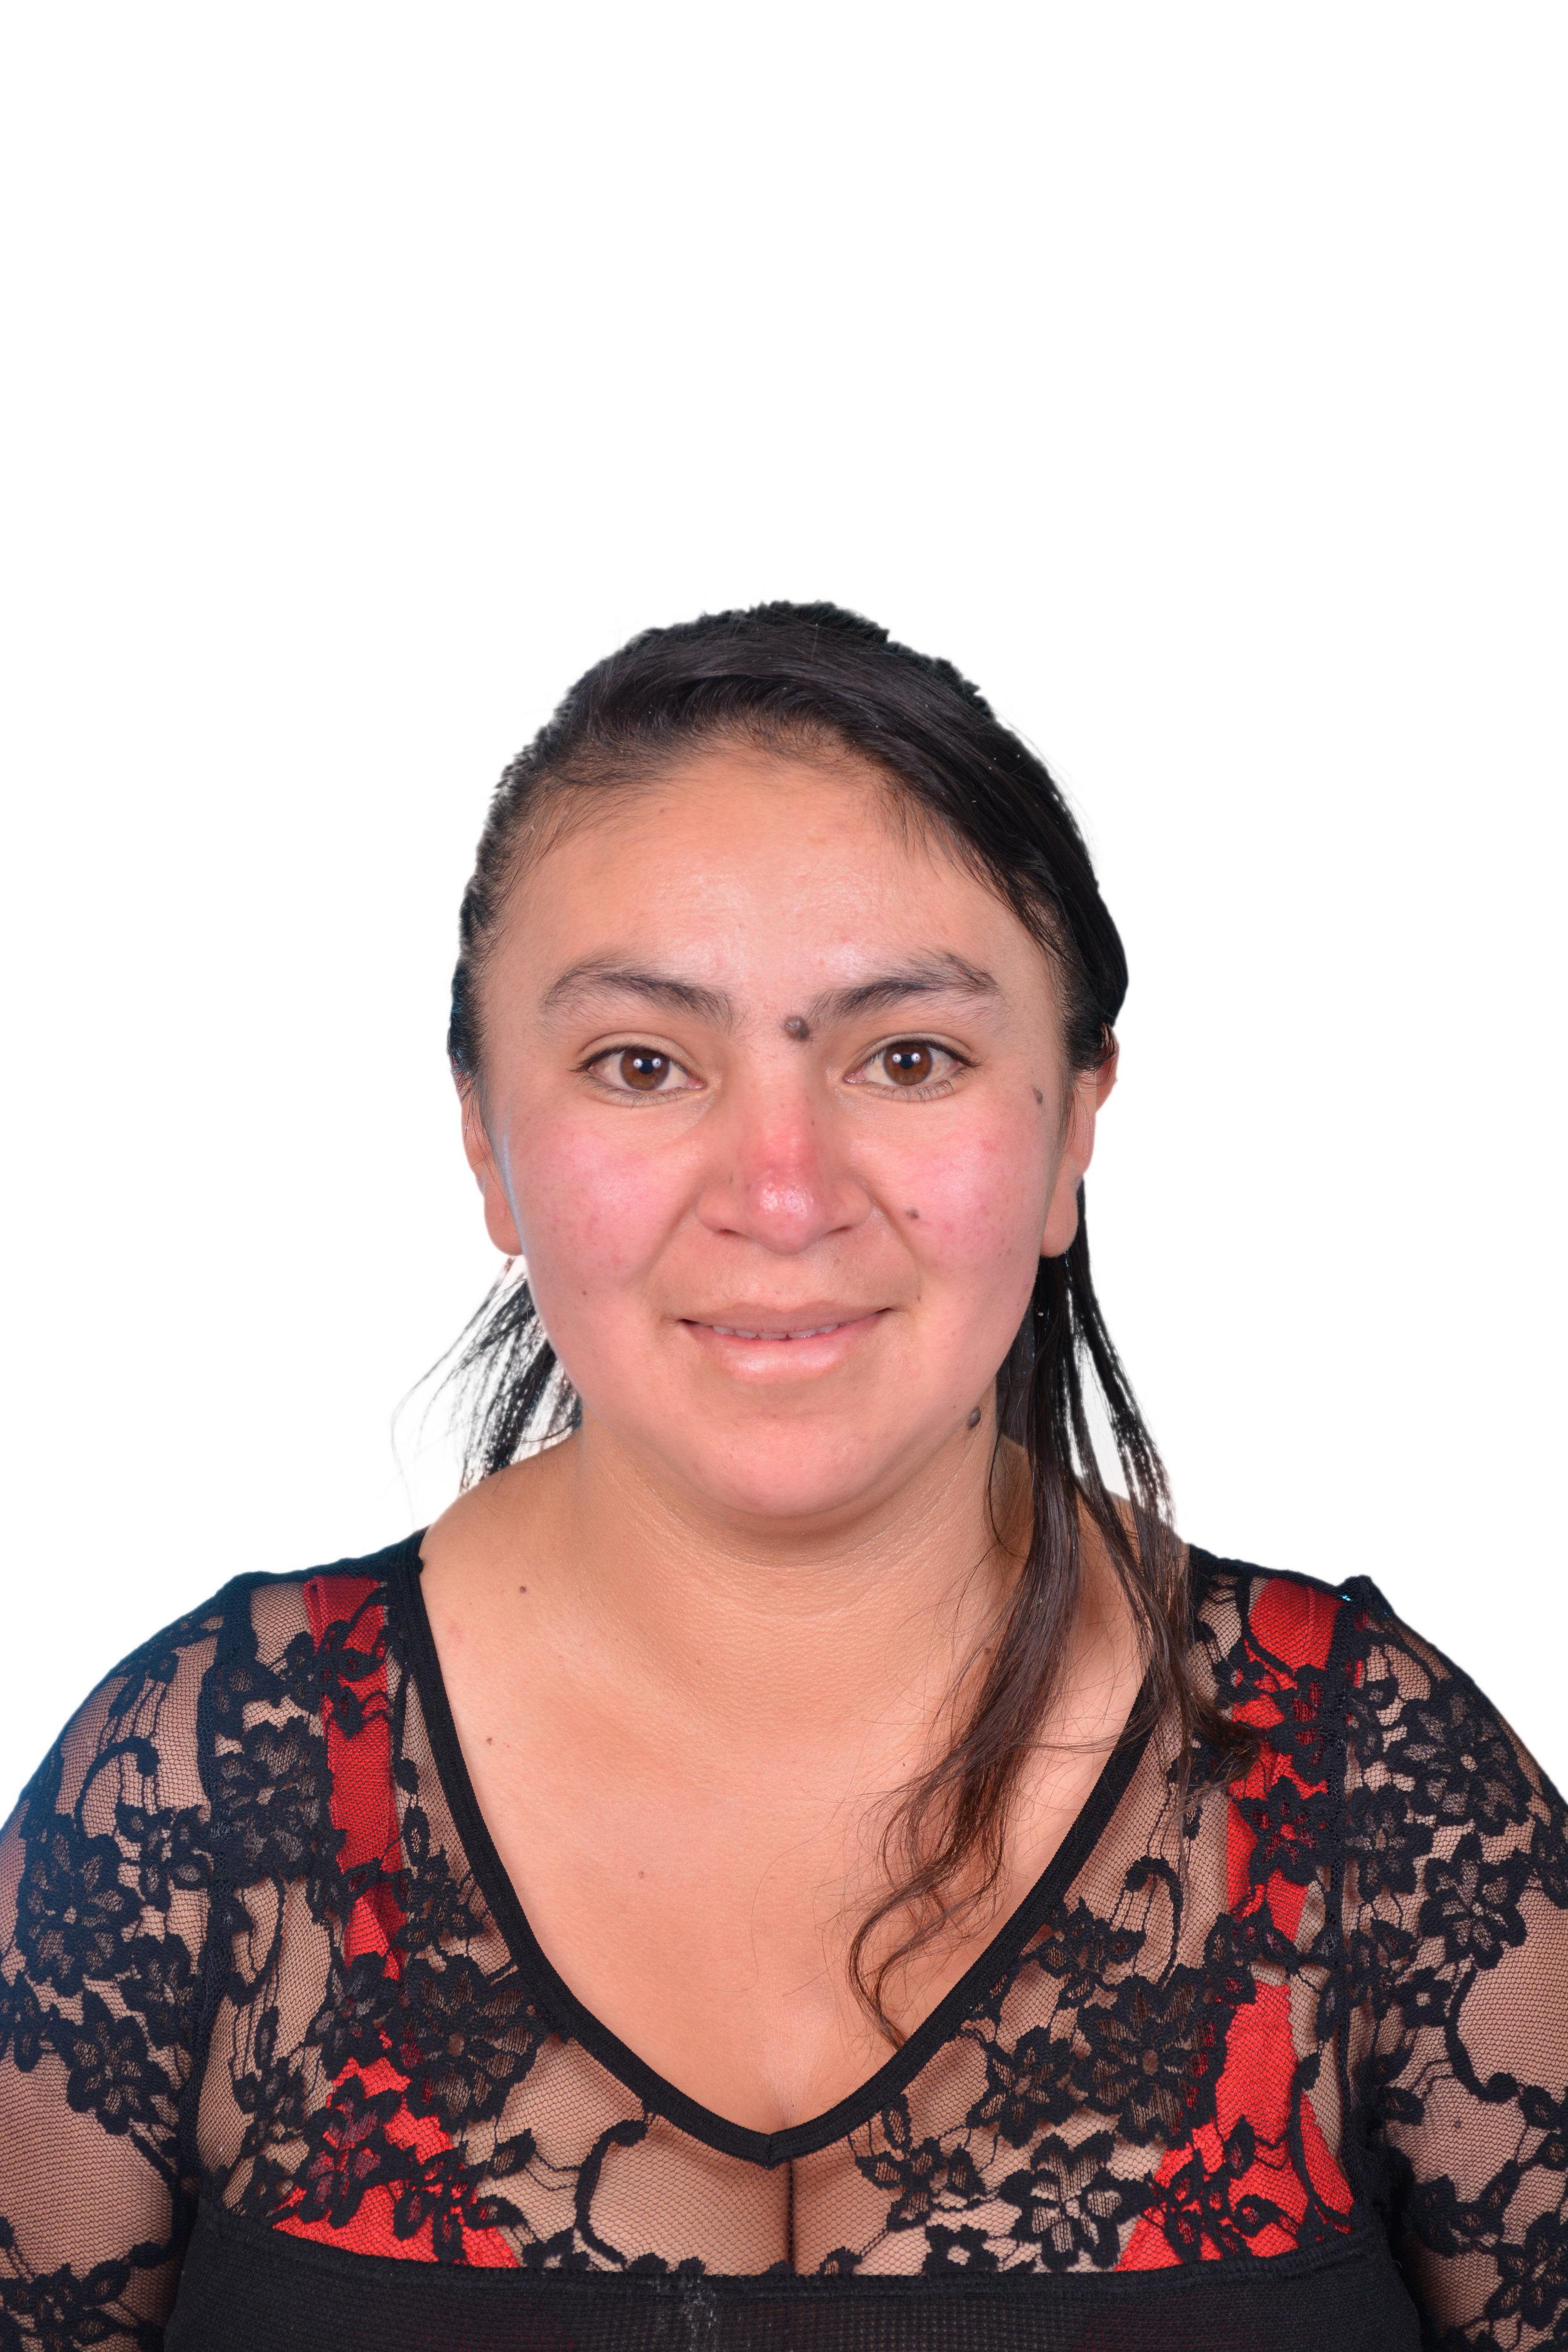 Sandra Velez, Knitter